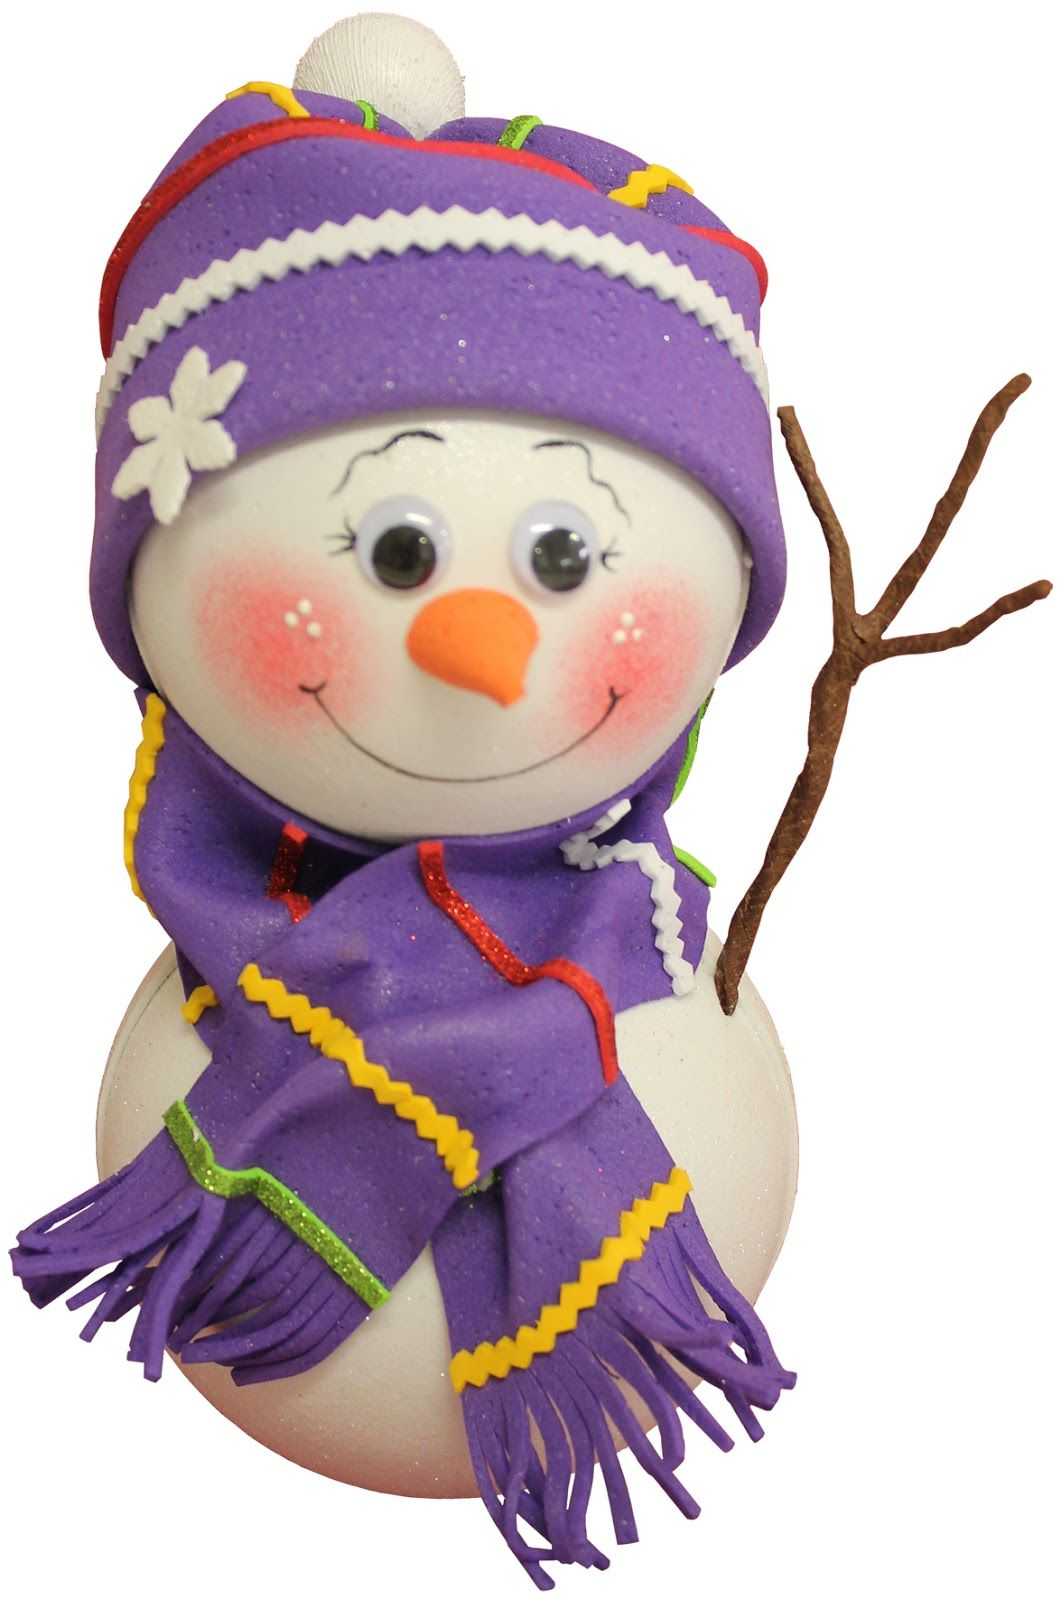 Mundos violetas mu ecos de nieve foamy gomaeva - Munecos de navidad ...